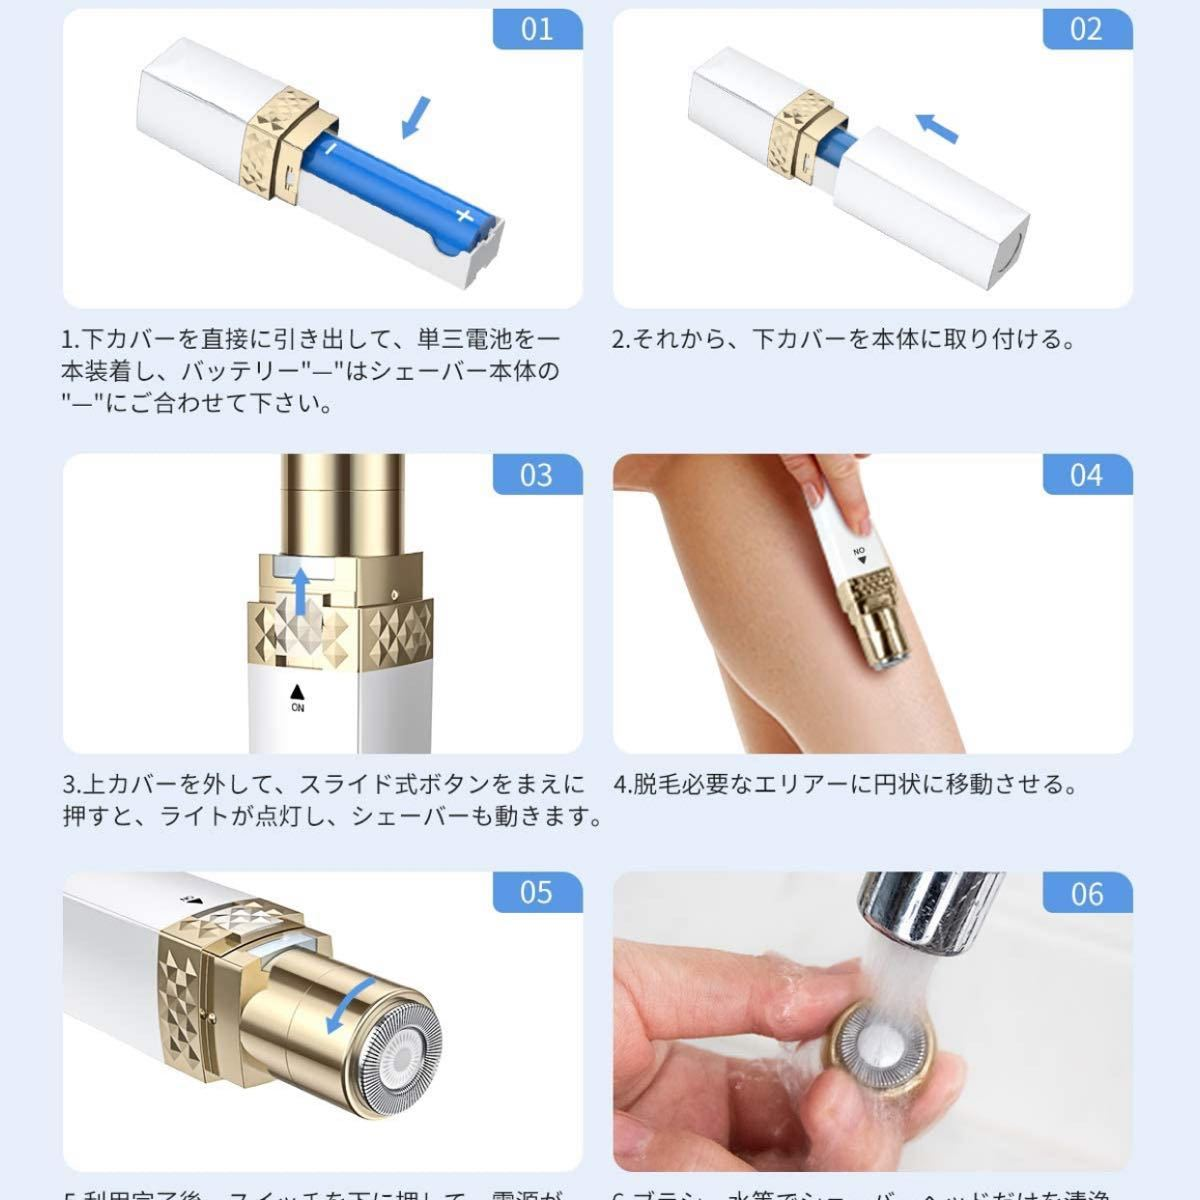 レディースシェーバー 女性用シェーバー 水洗い可能 電動 シェーバー 小型 携帯便利